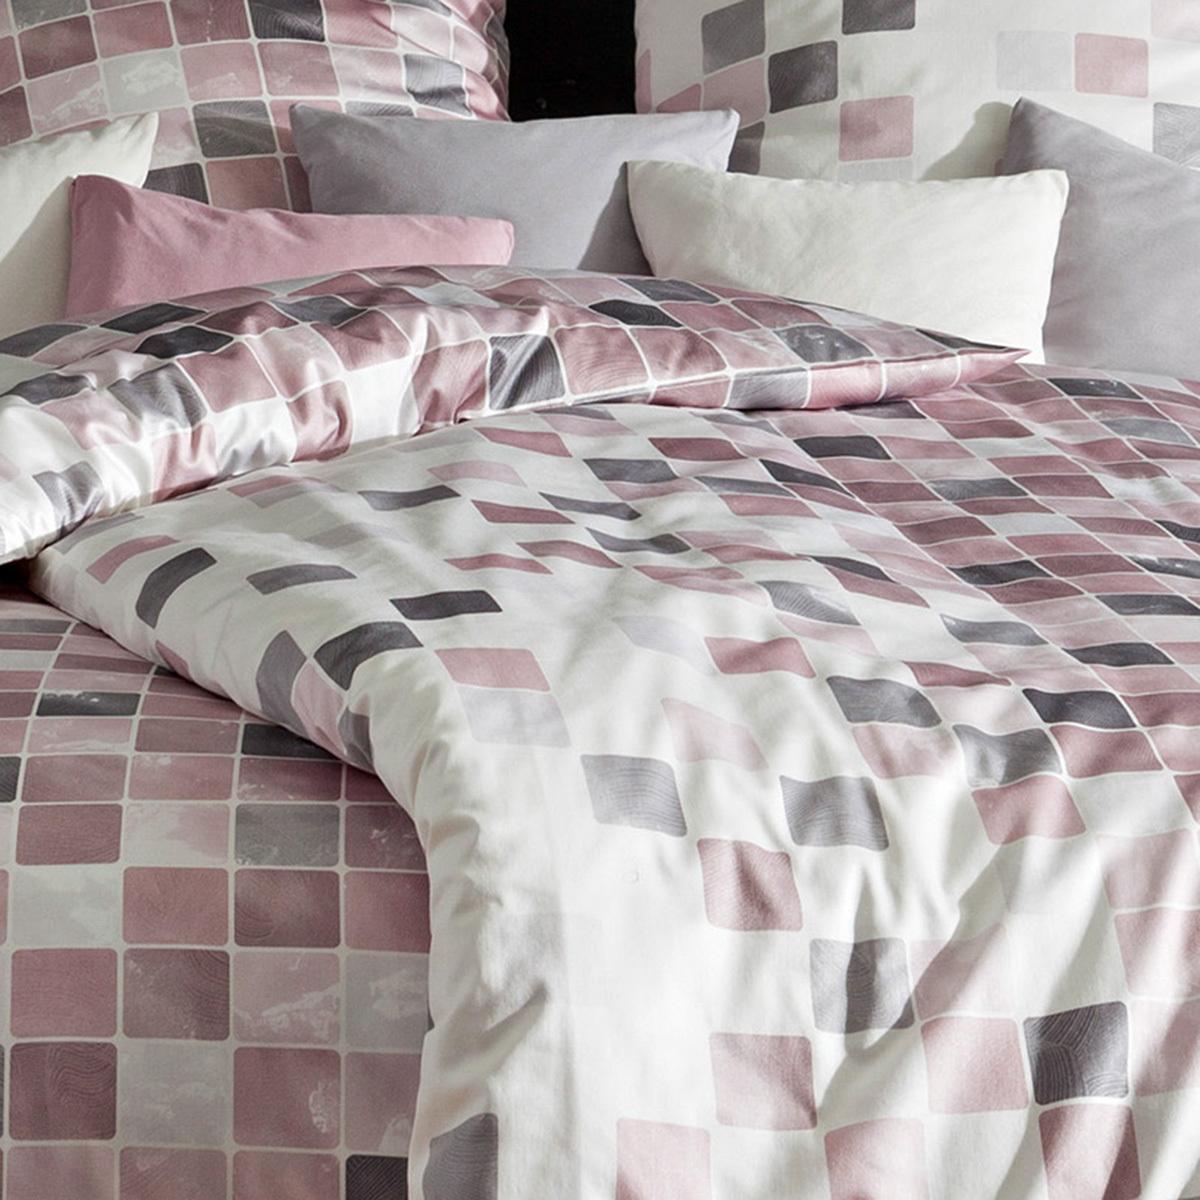 estella mako interlock jersey bettw sche yanic burgund. Black Bedroom Furniture Sets. Home Design Ideas